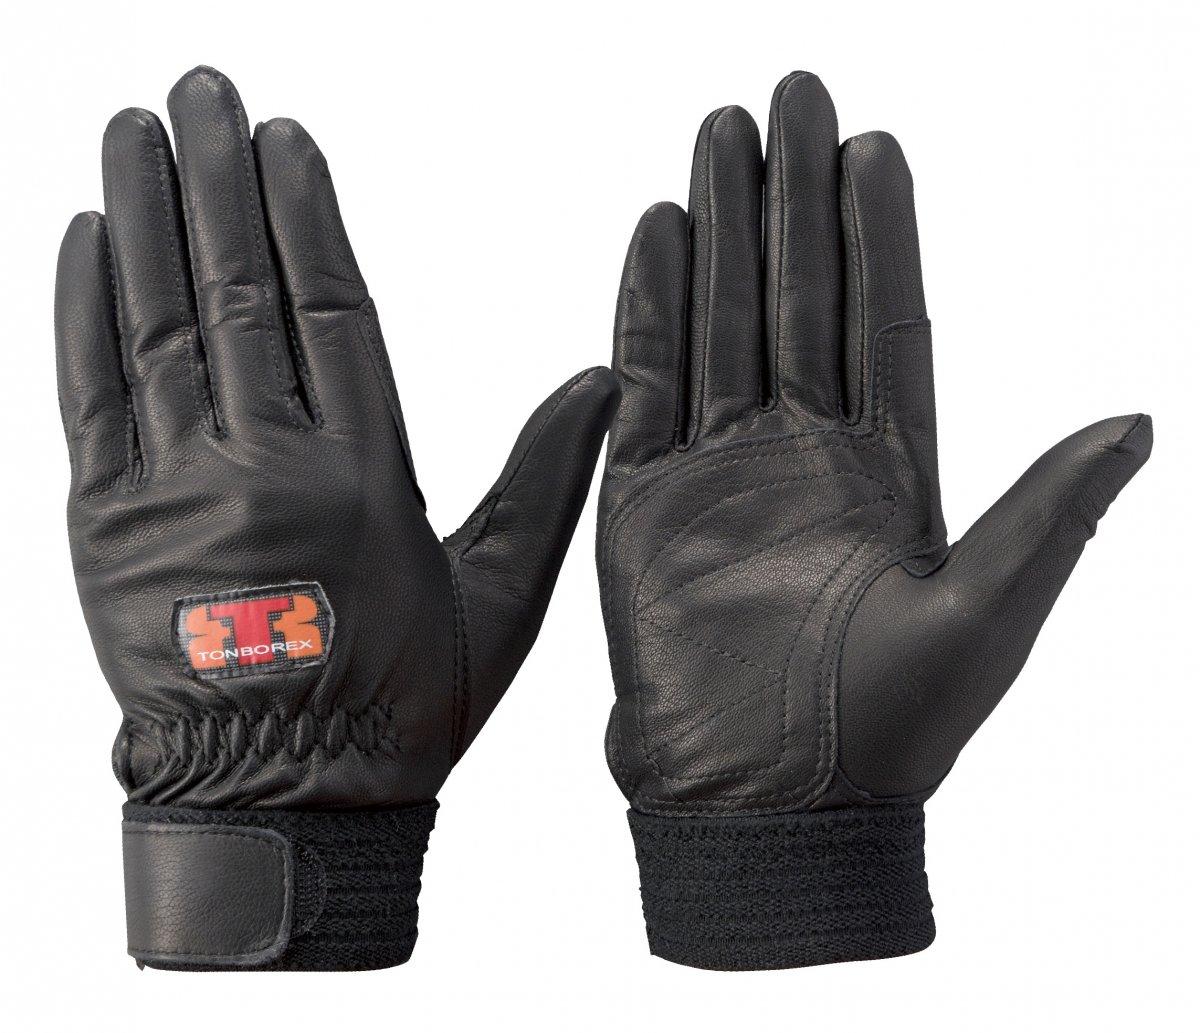 トンボレックス G-REX31BK 山羊革製手袋